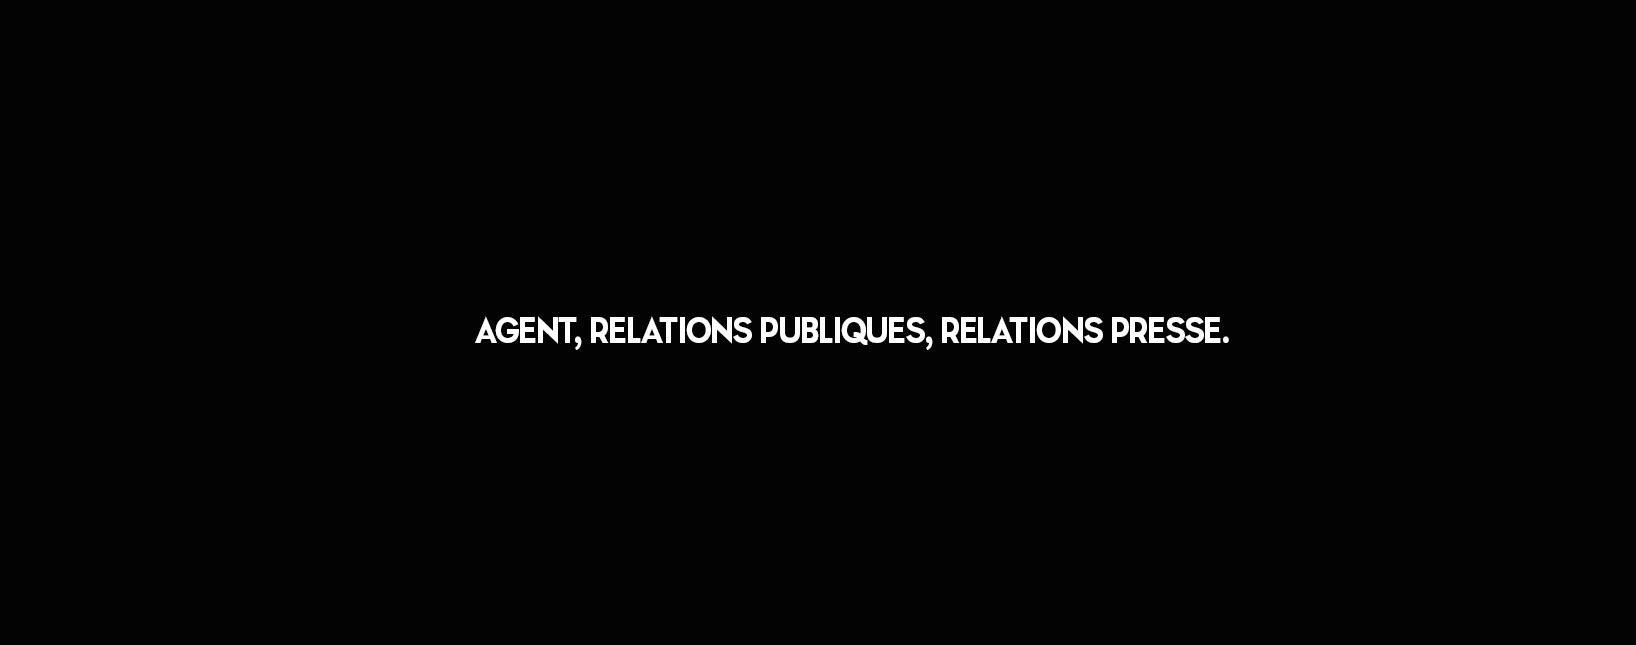 Agent, Relations Publiques, Relations Presse